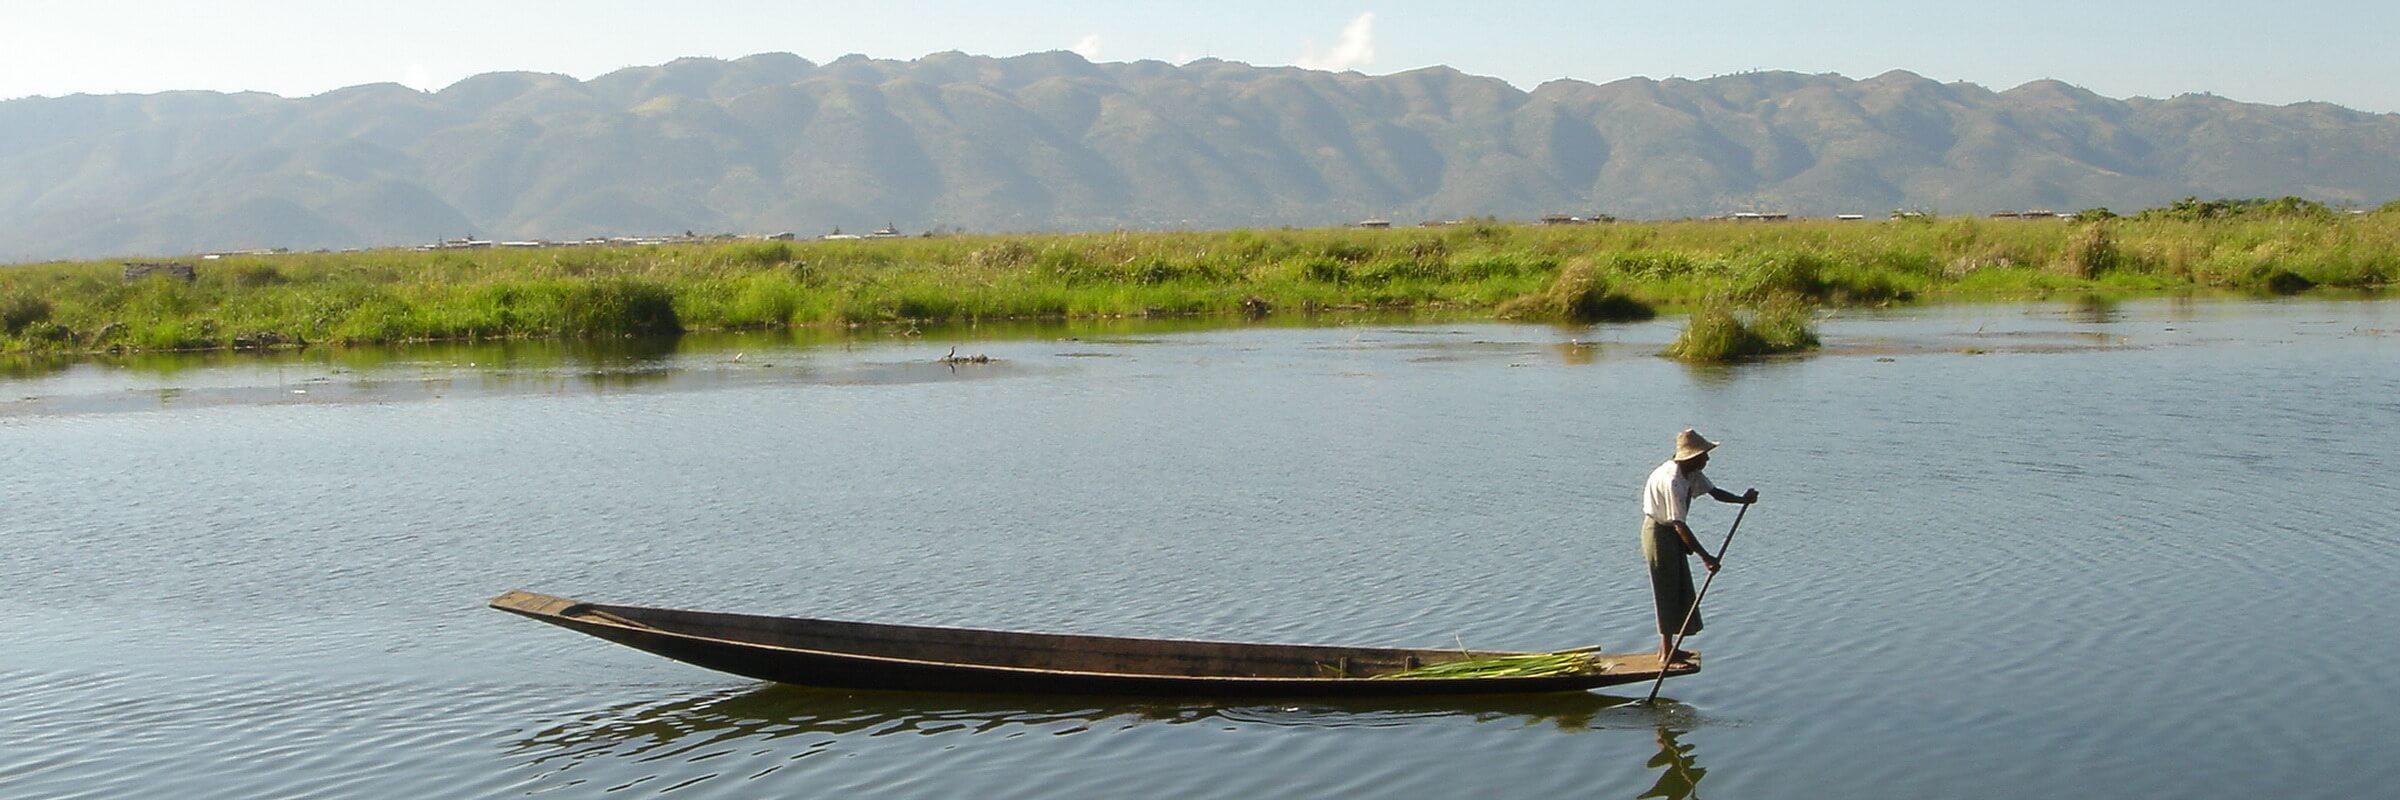 Die Bewohner des Inle-Sees sind für ihre Rudertechnik berühmt, bei der sie stehend ein Bein um das Ruder schlingen, um beide Hände zum Fischfang oder zur Pflege der schwimmenden Gärten frei zu haben.